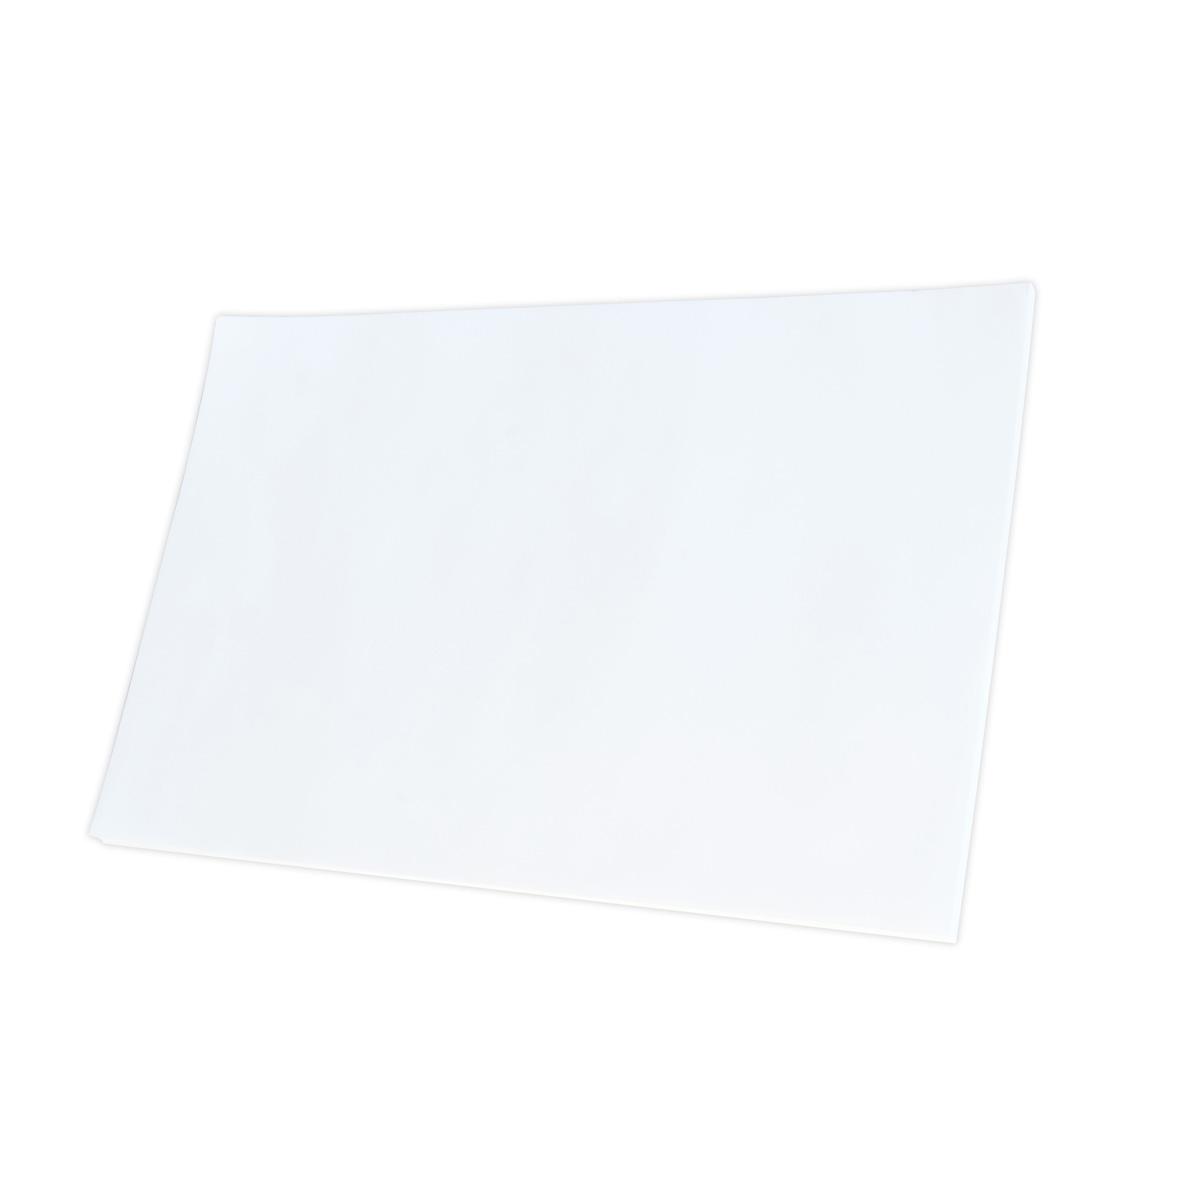 Papier blanc pour le dessin 30 x 48 cm